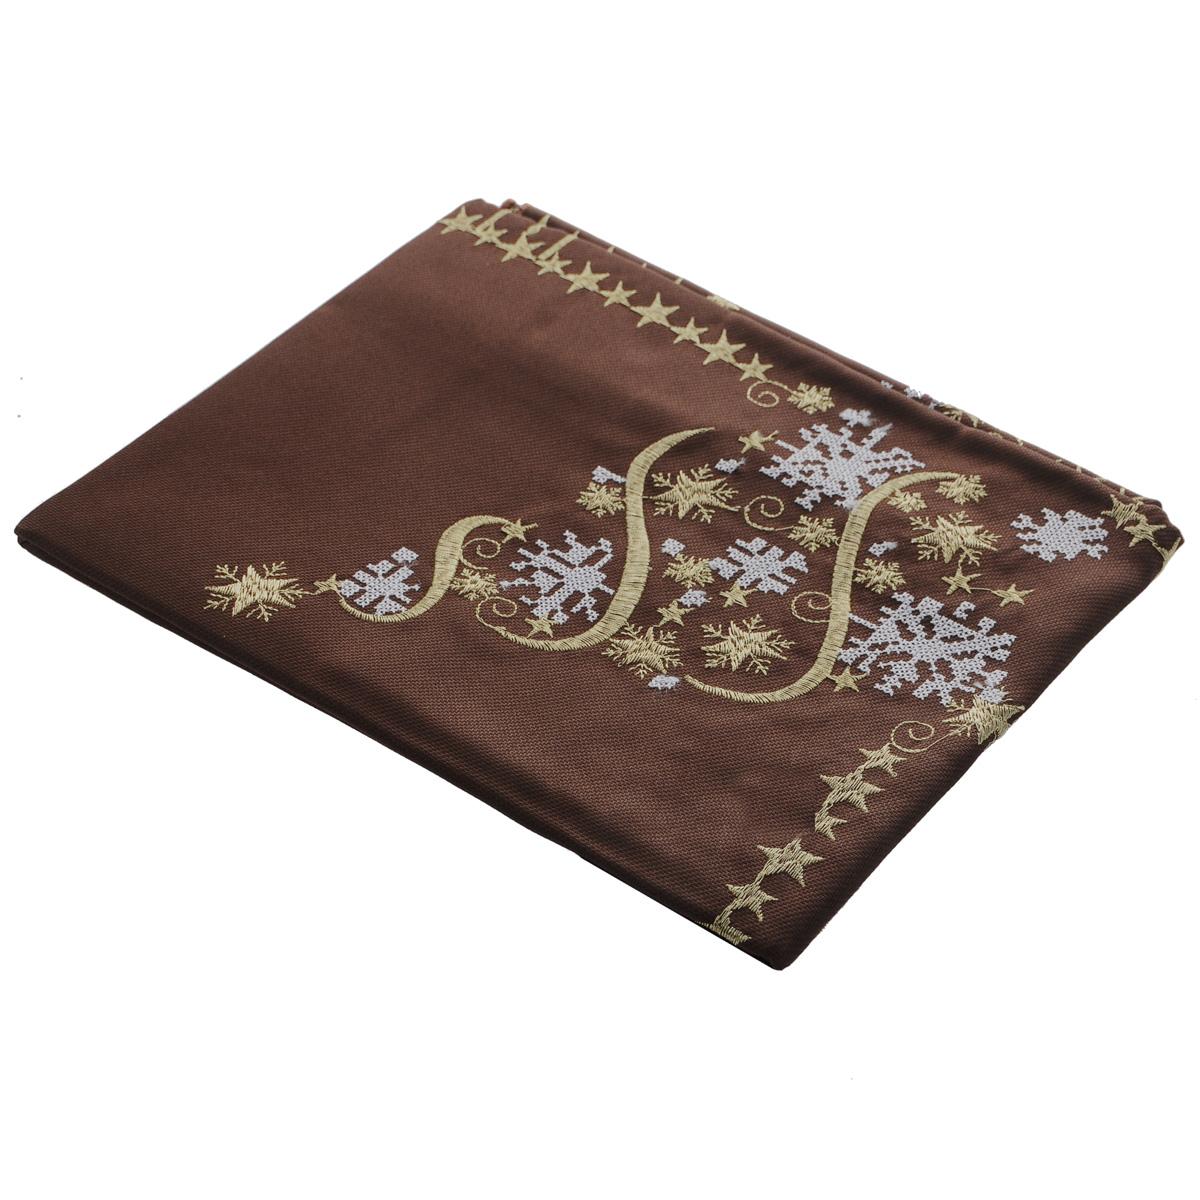 Скатерть новогодняя Home Queen, квадратная, цвет: коричневый, 85  x см